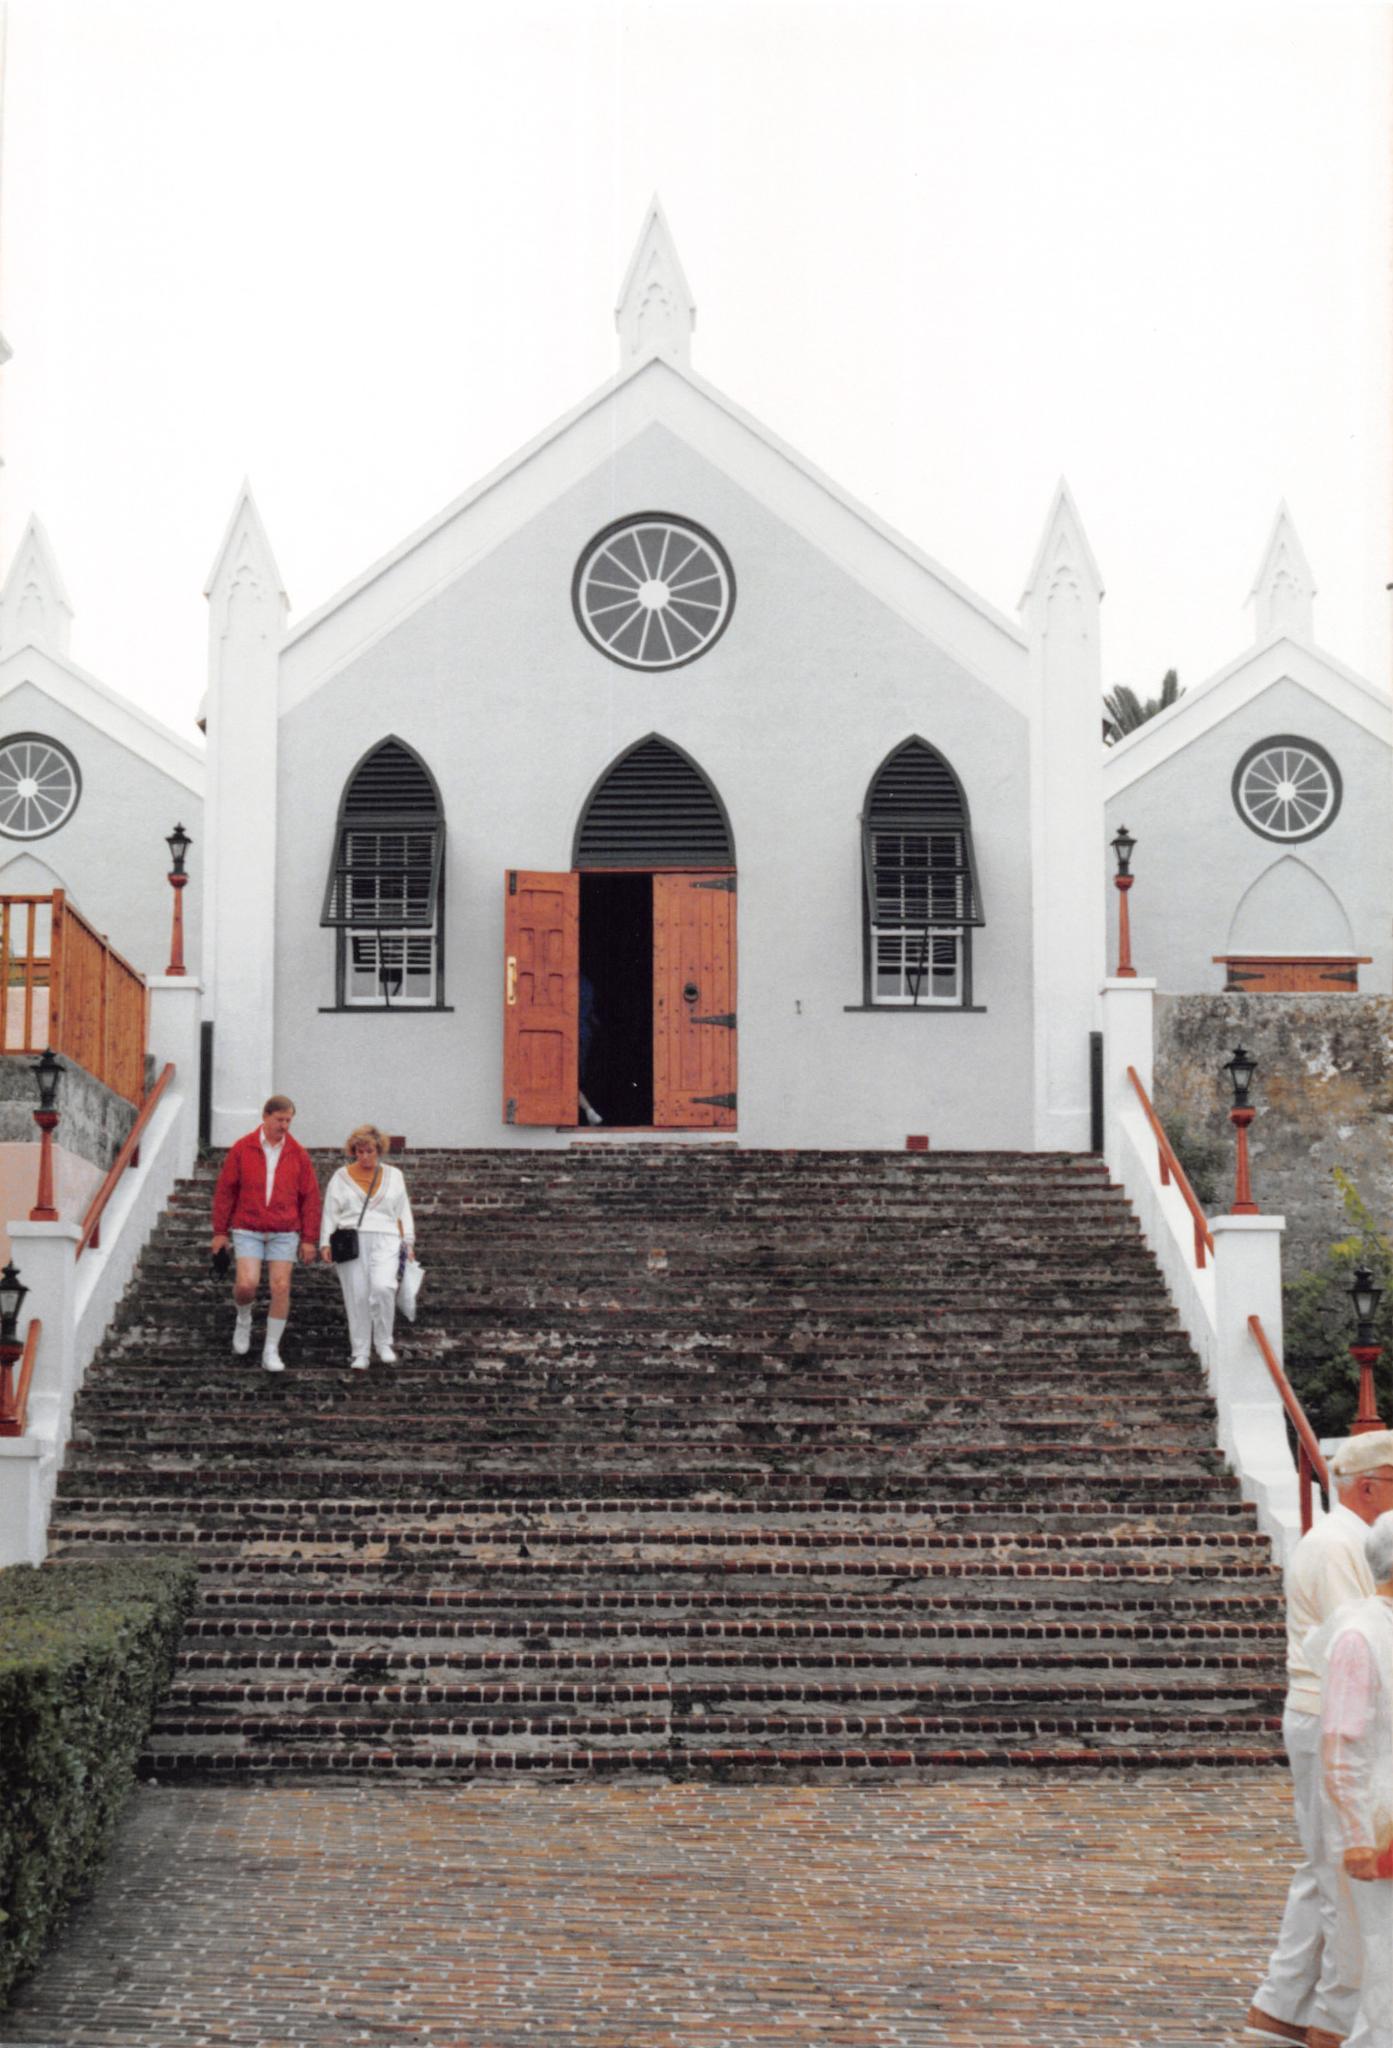 Bermuda Church by John Schneyer